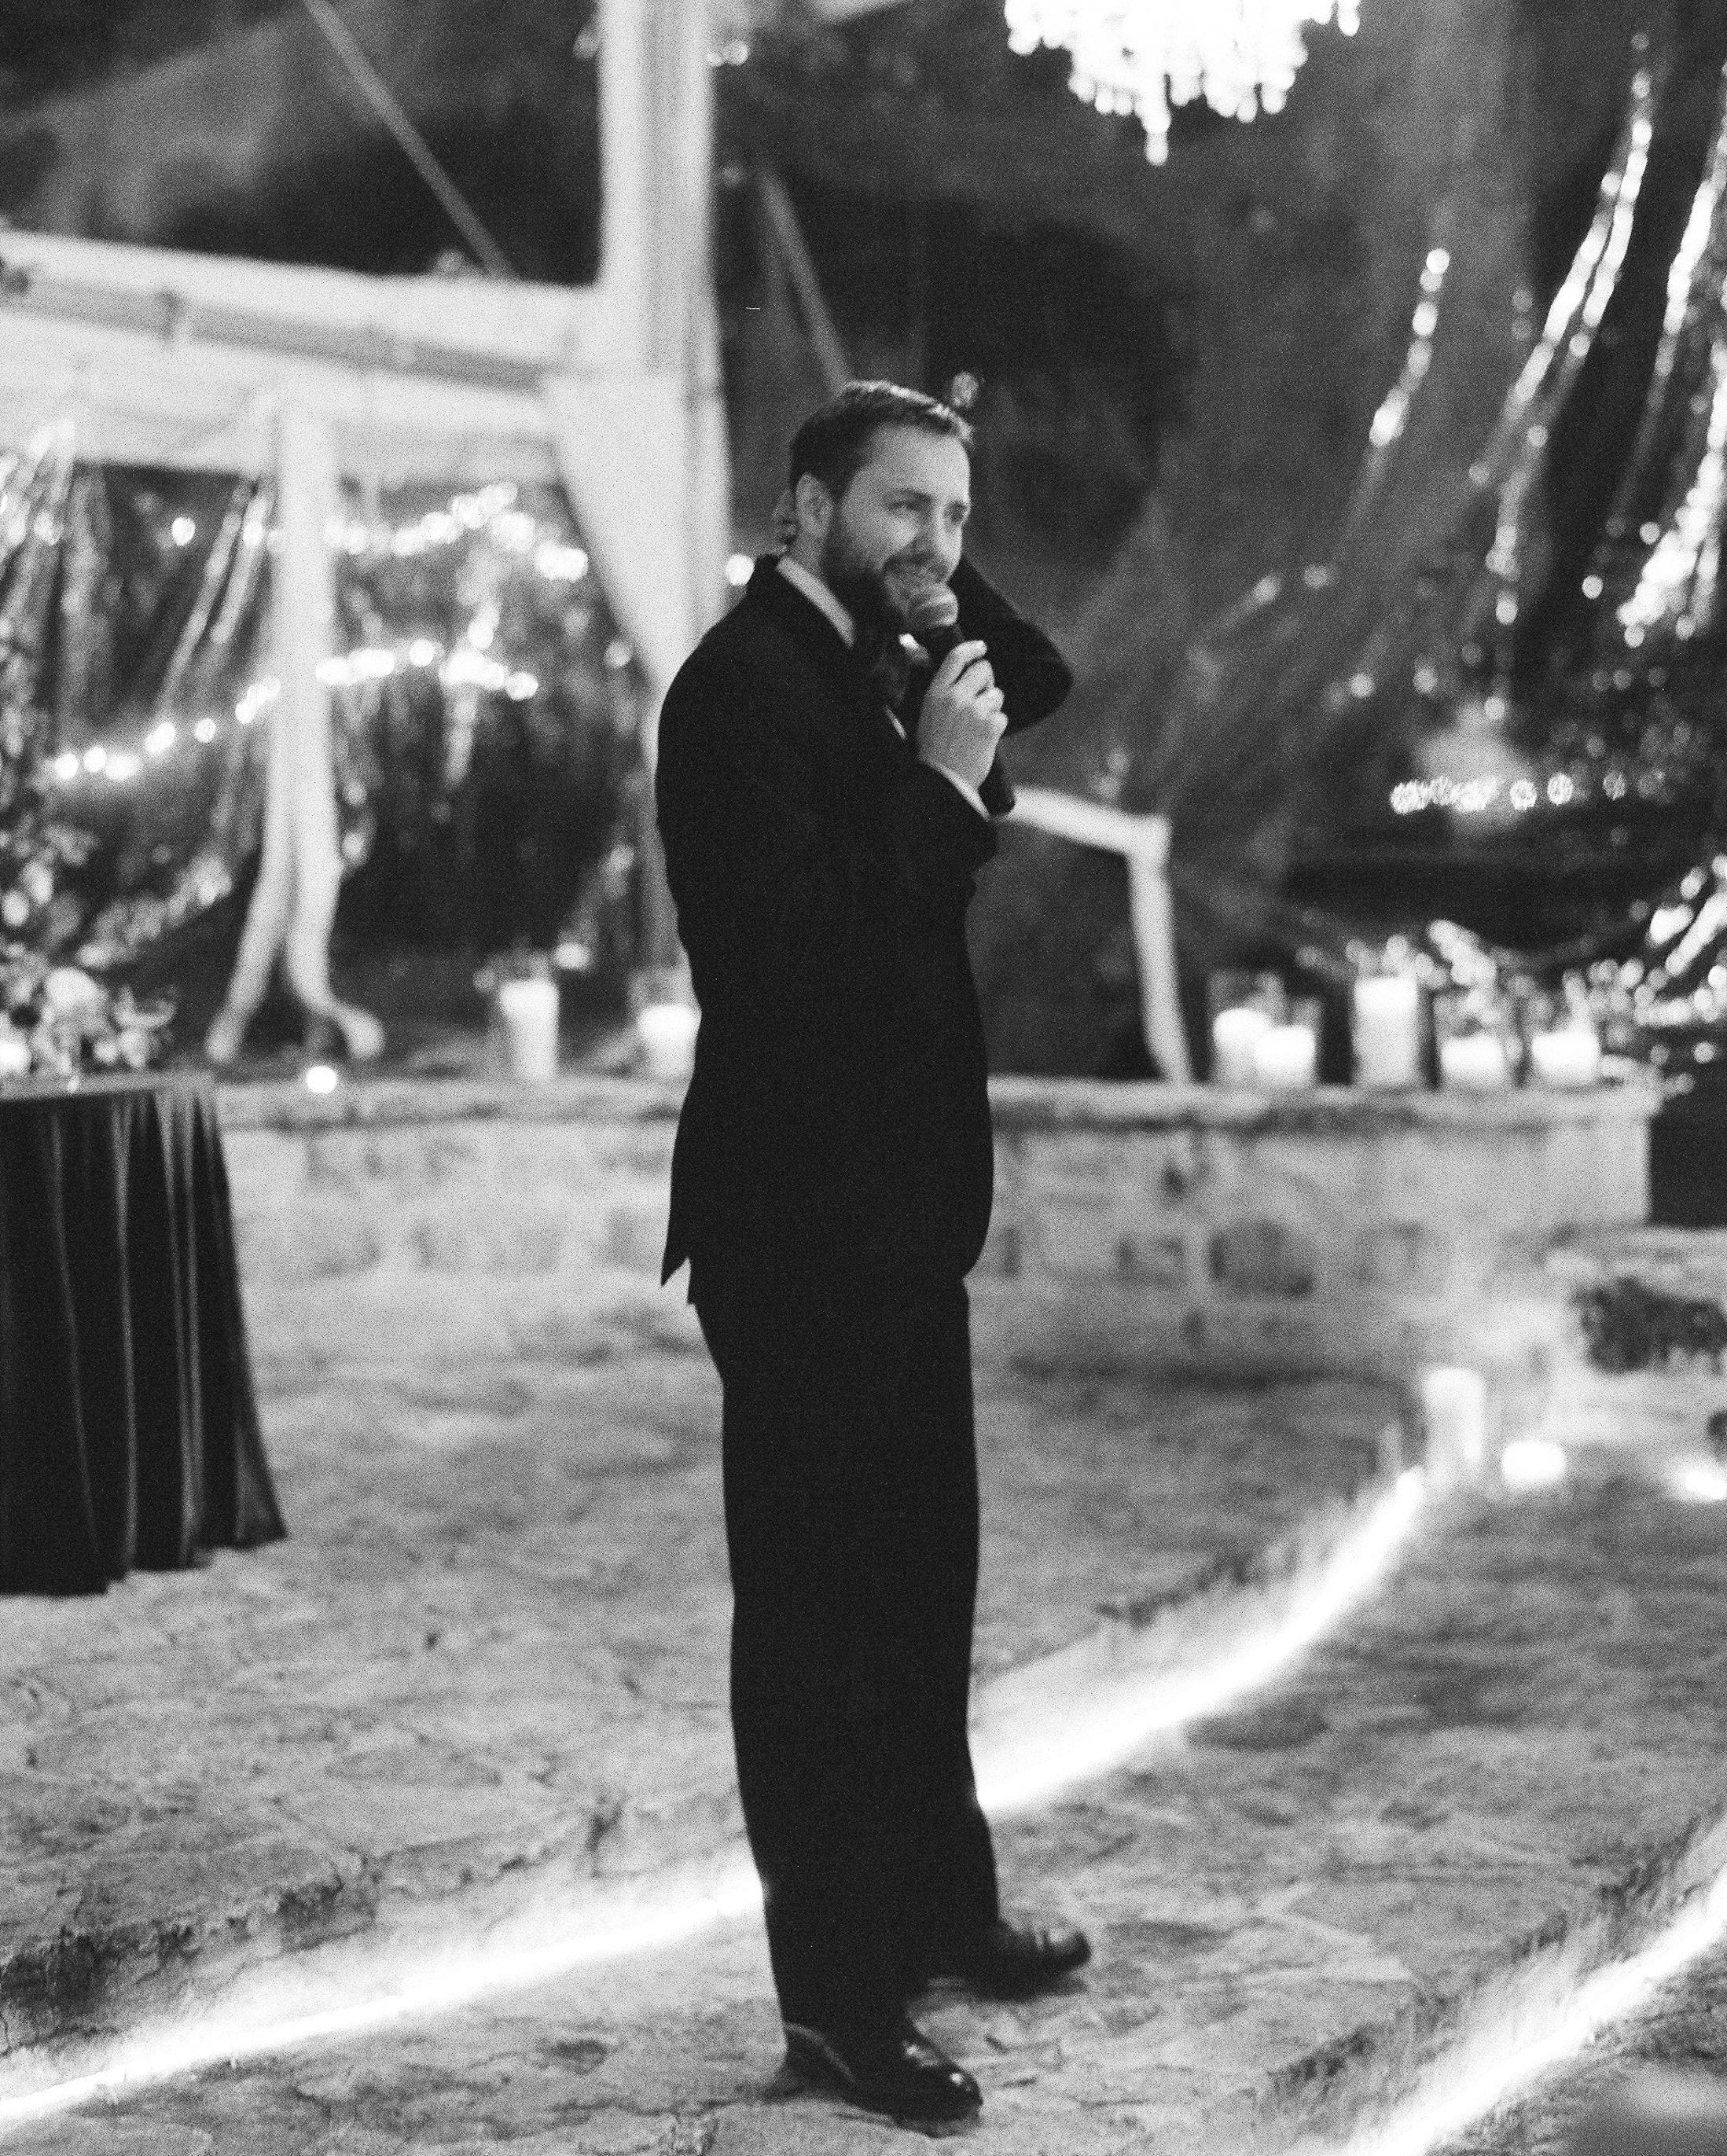 stacey-adam-wedding-speech-0104-s112112-0815.jpg